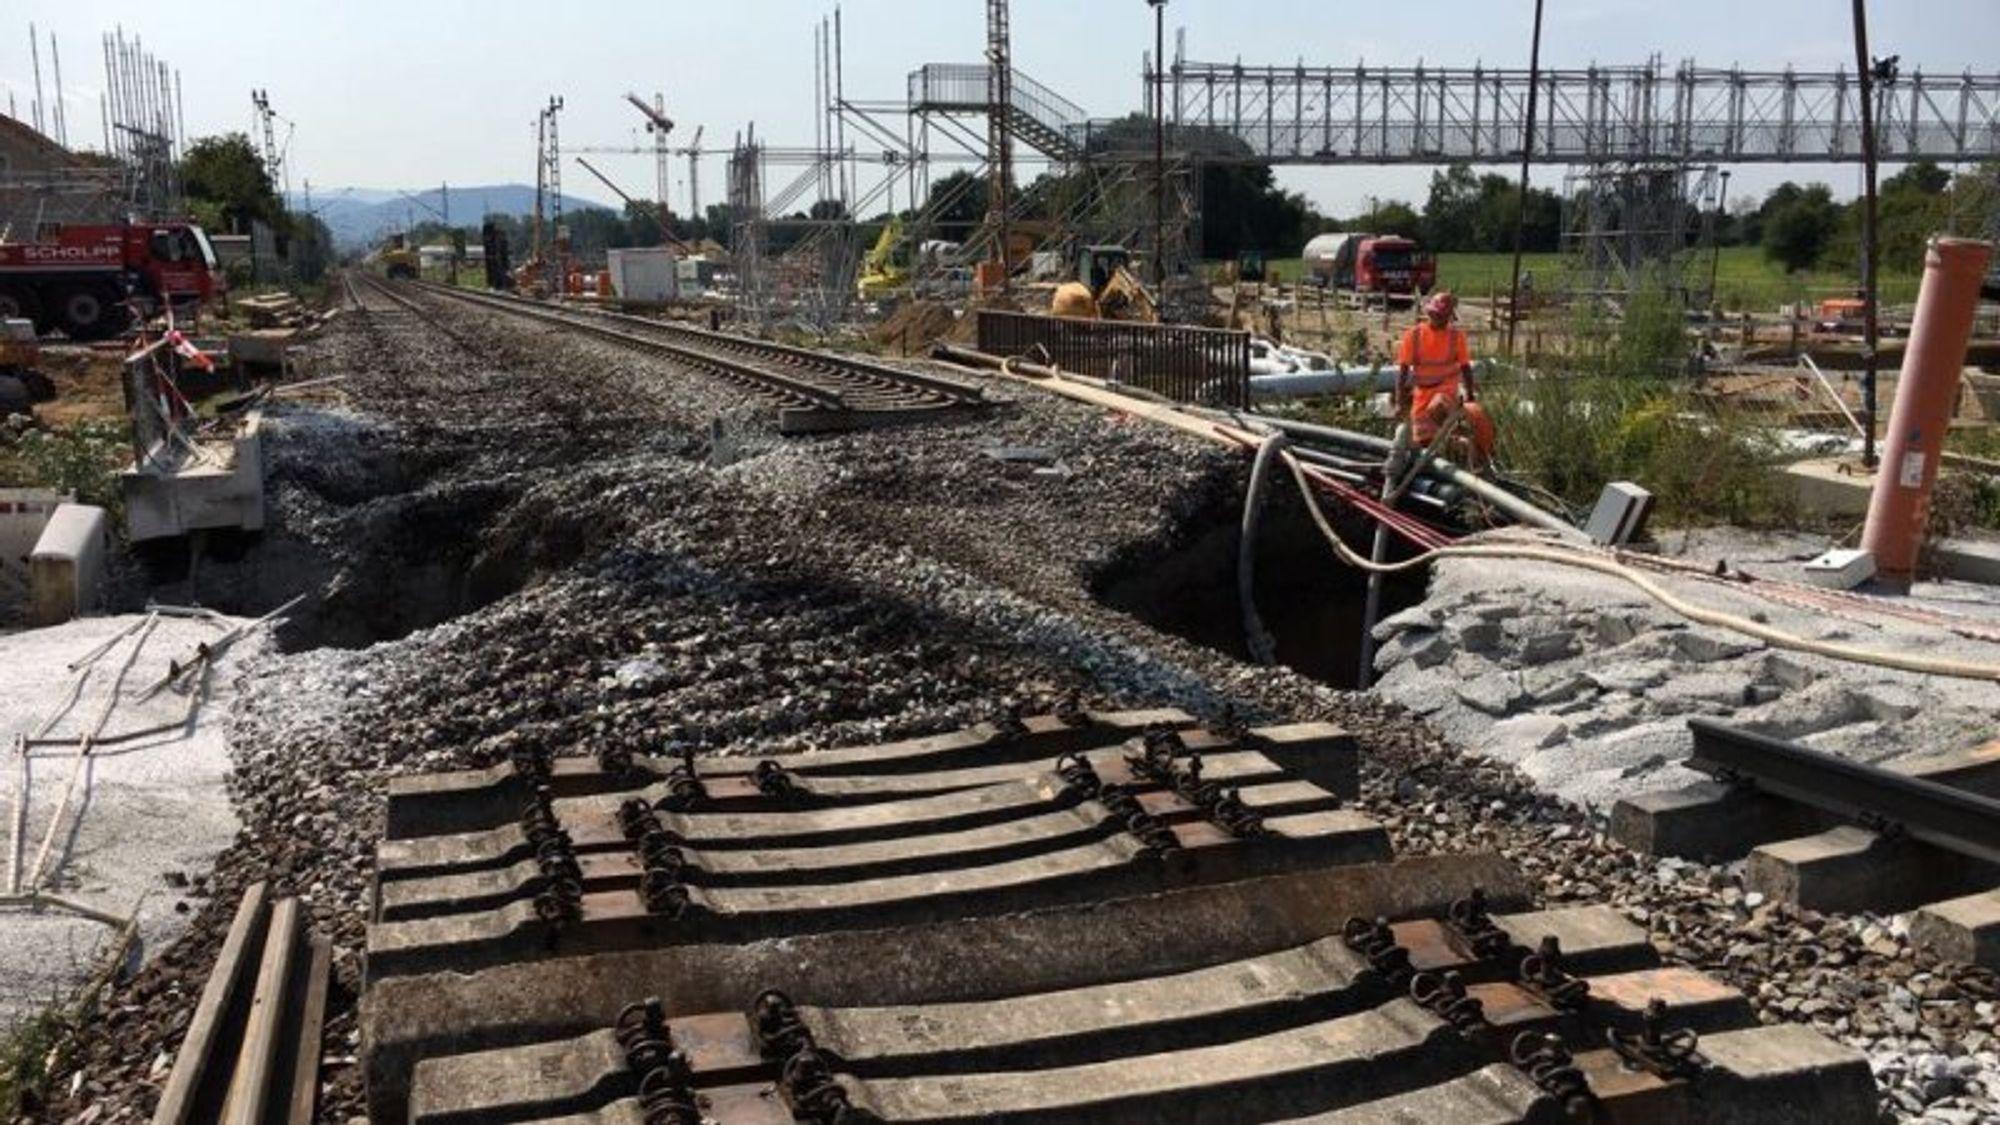 Det store sporfornyingsprosjektet til Deutsche Bahn er blitt langt dyrere etter at tunnelboremaskinen til en verdi av 160 millioner kroner gikk dukken.